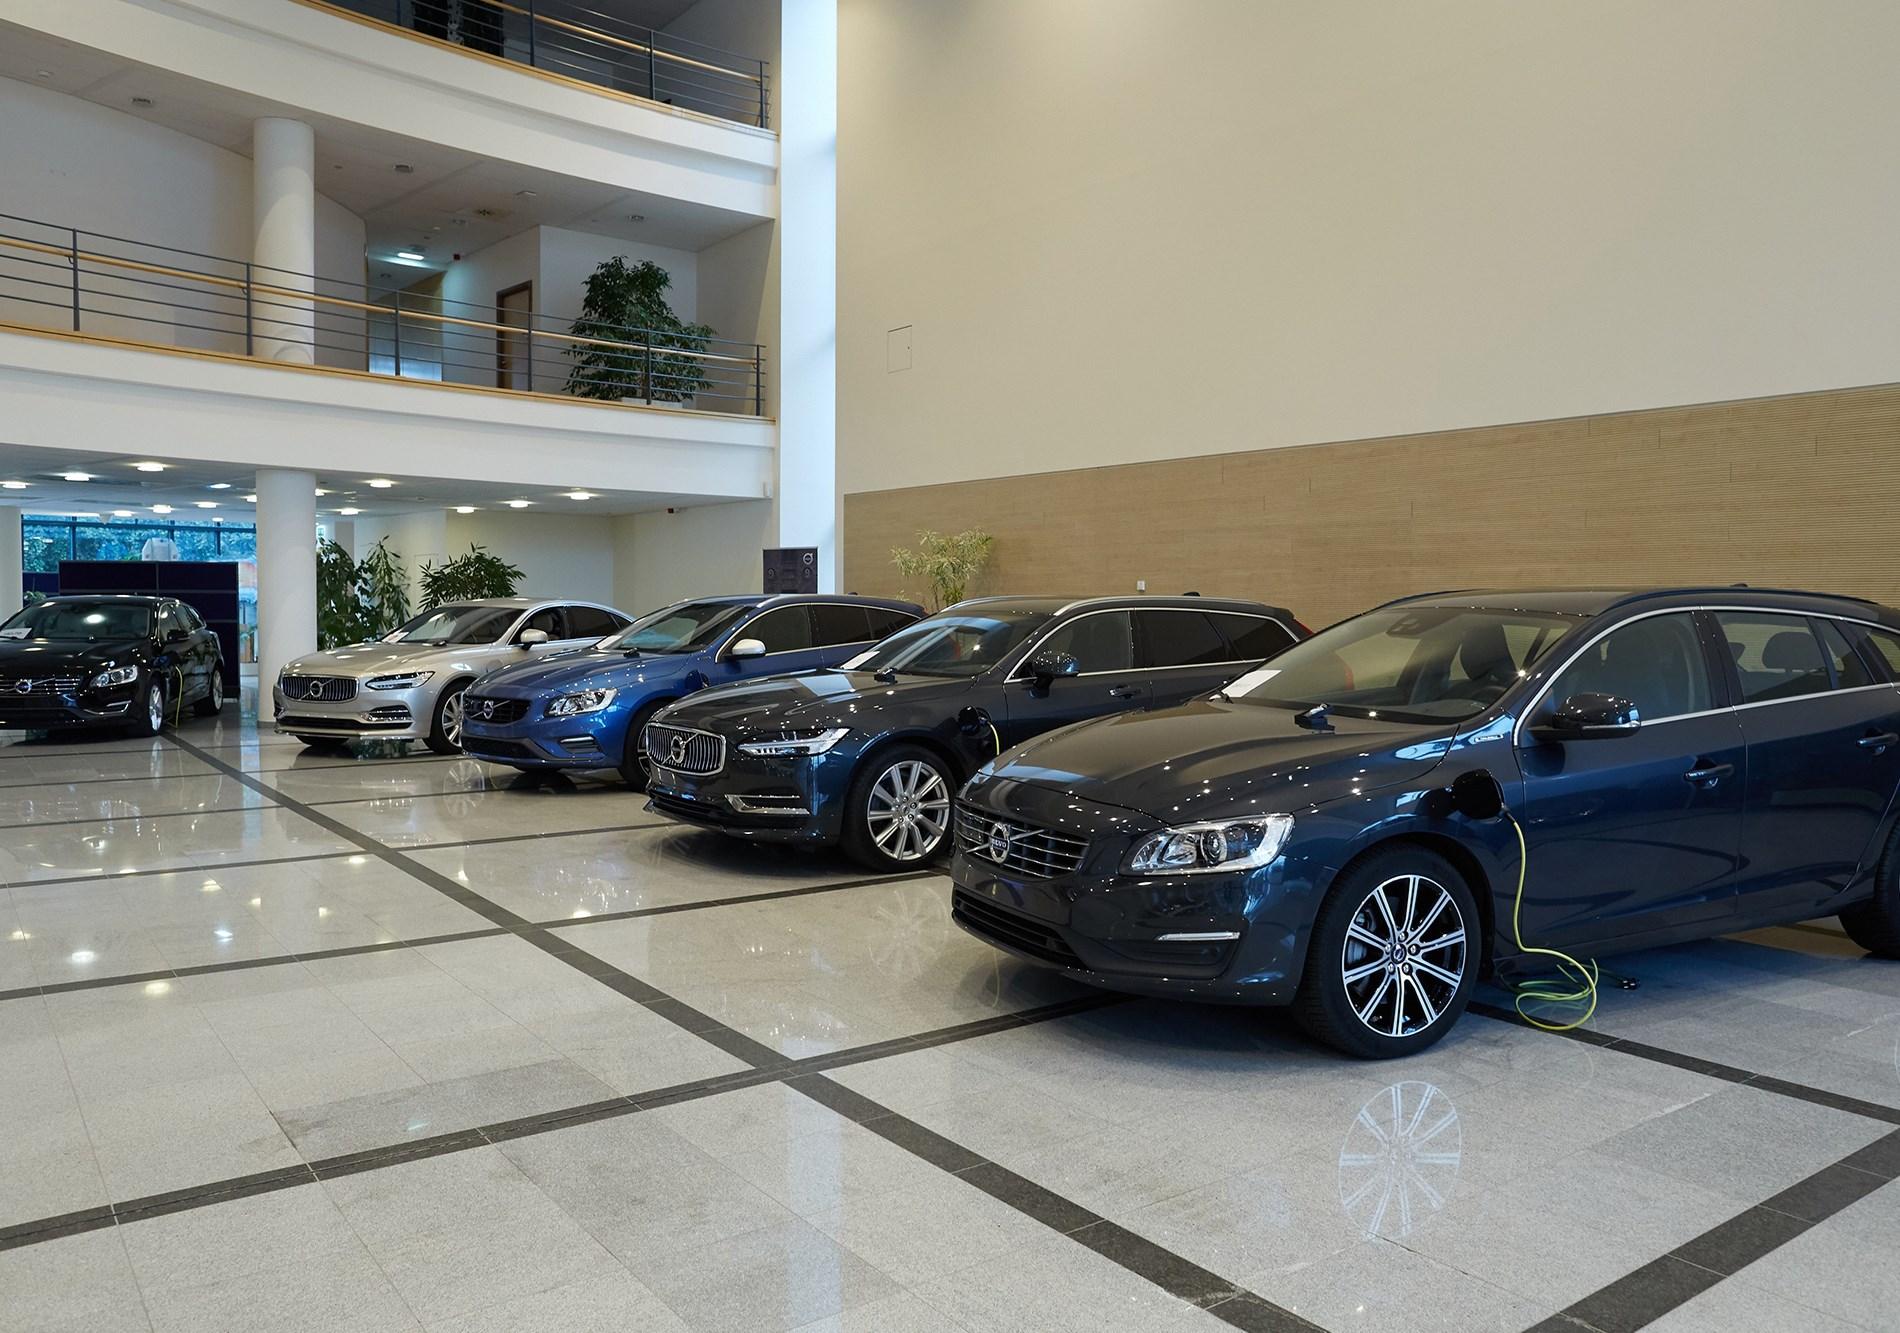 Volvo schenkt een Plug-in hybride aan elk van de 5 Hogescholen die de opleiding van Bachelor 'Autotechnologie' aanbiedt!